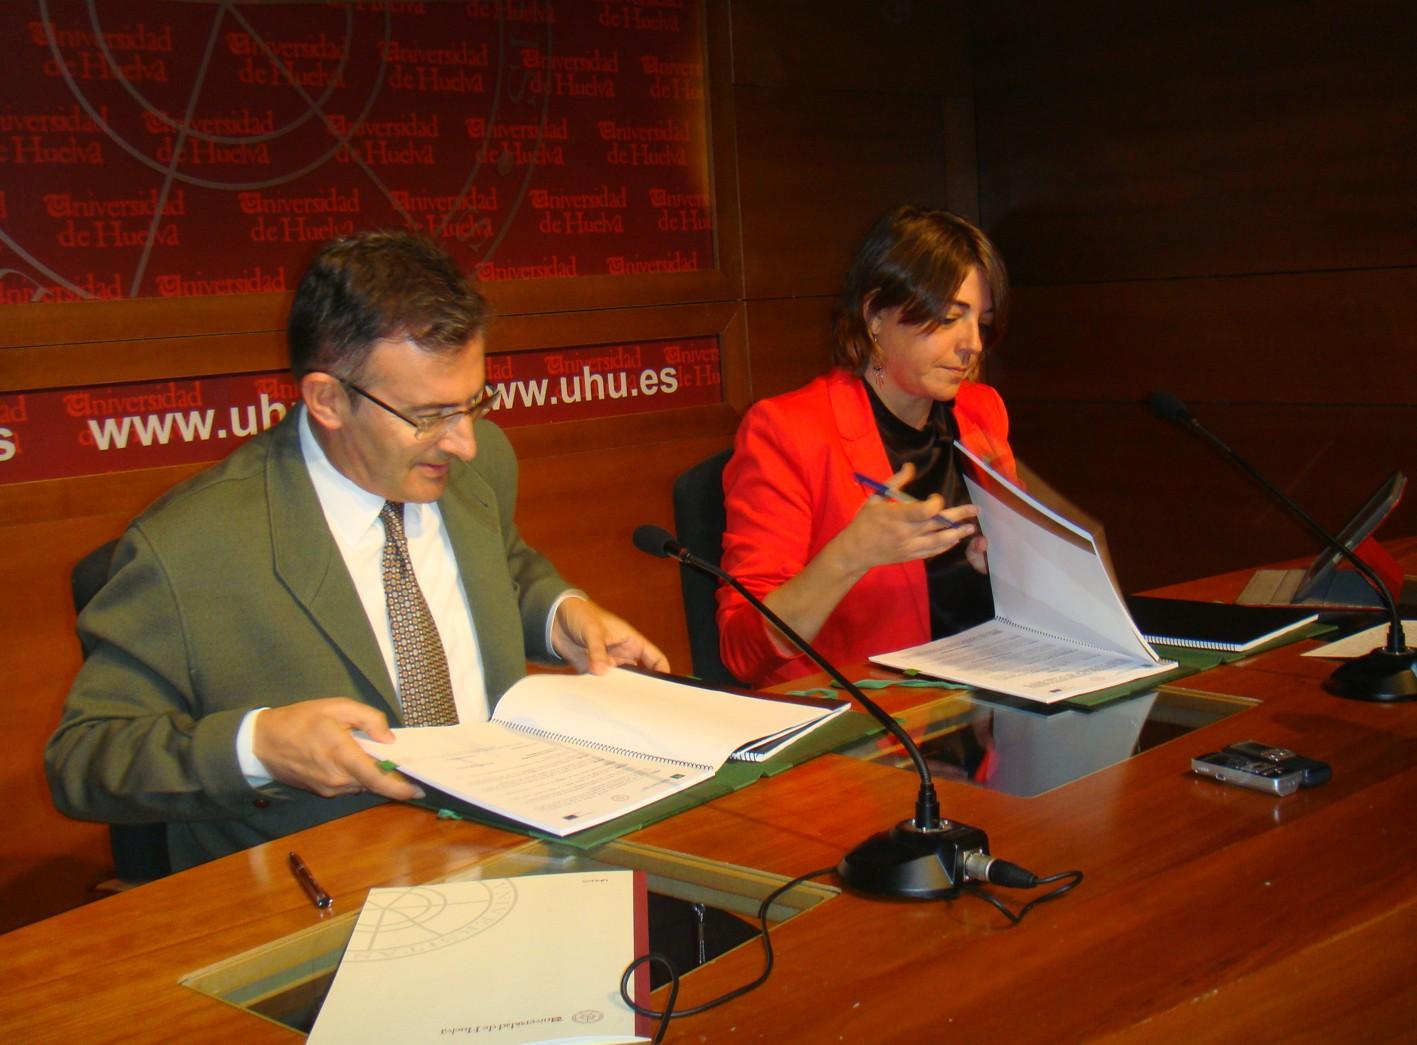 Acto de firma de convenios en el Campus de La Merced en Huelva.